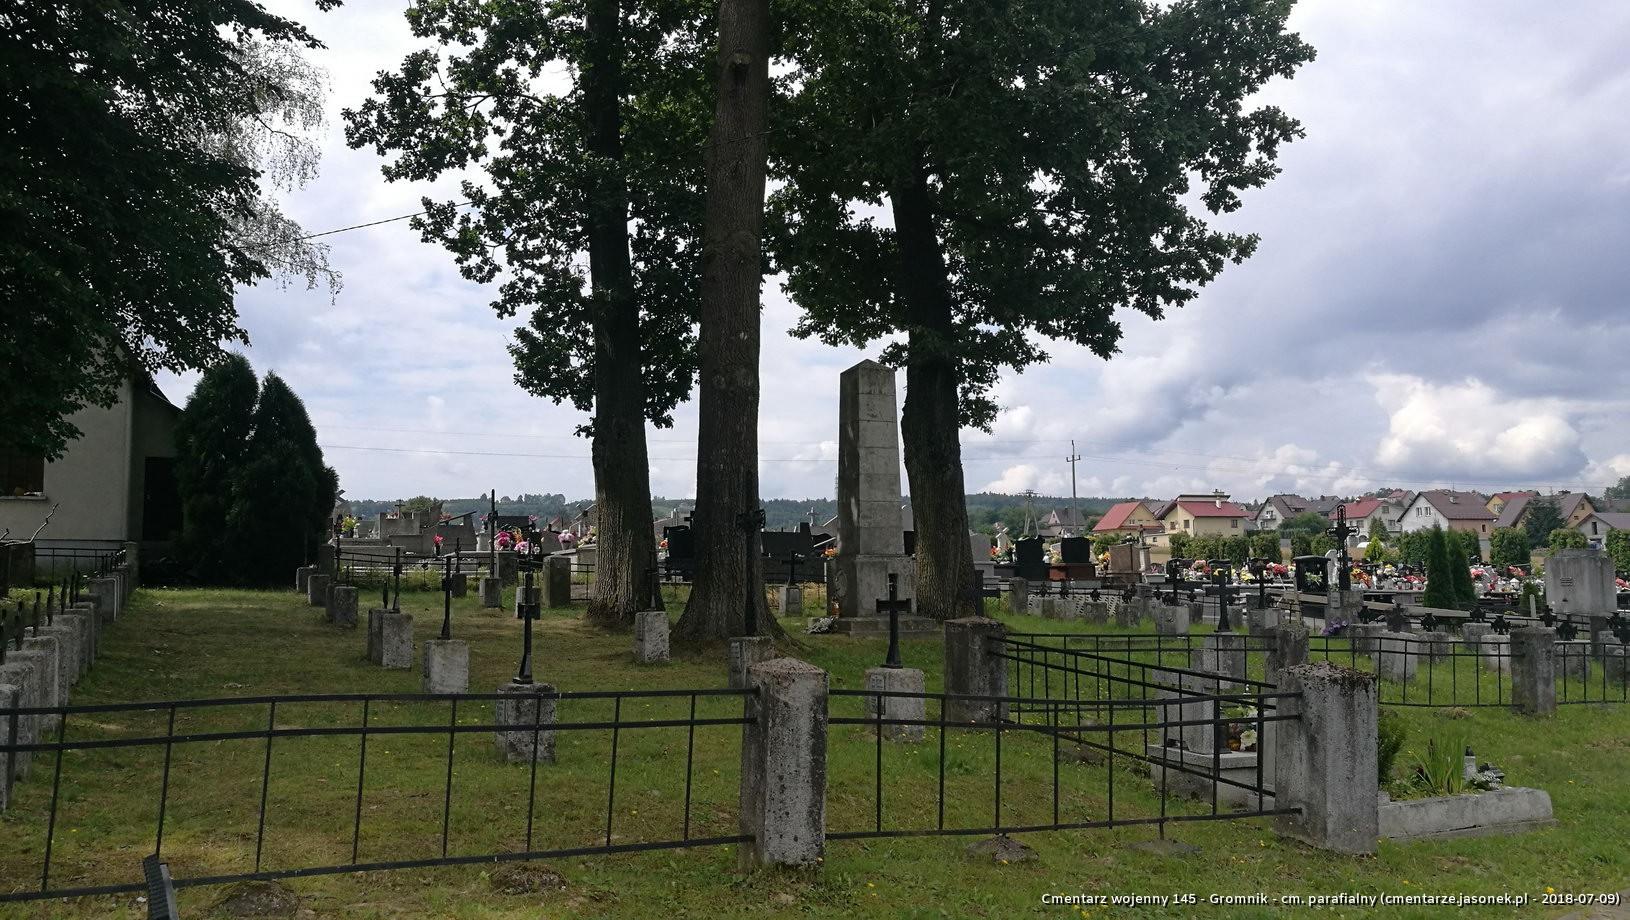 Cmentarz wojenny 145 - Gromnik - cm. parafialny